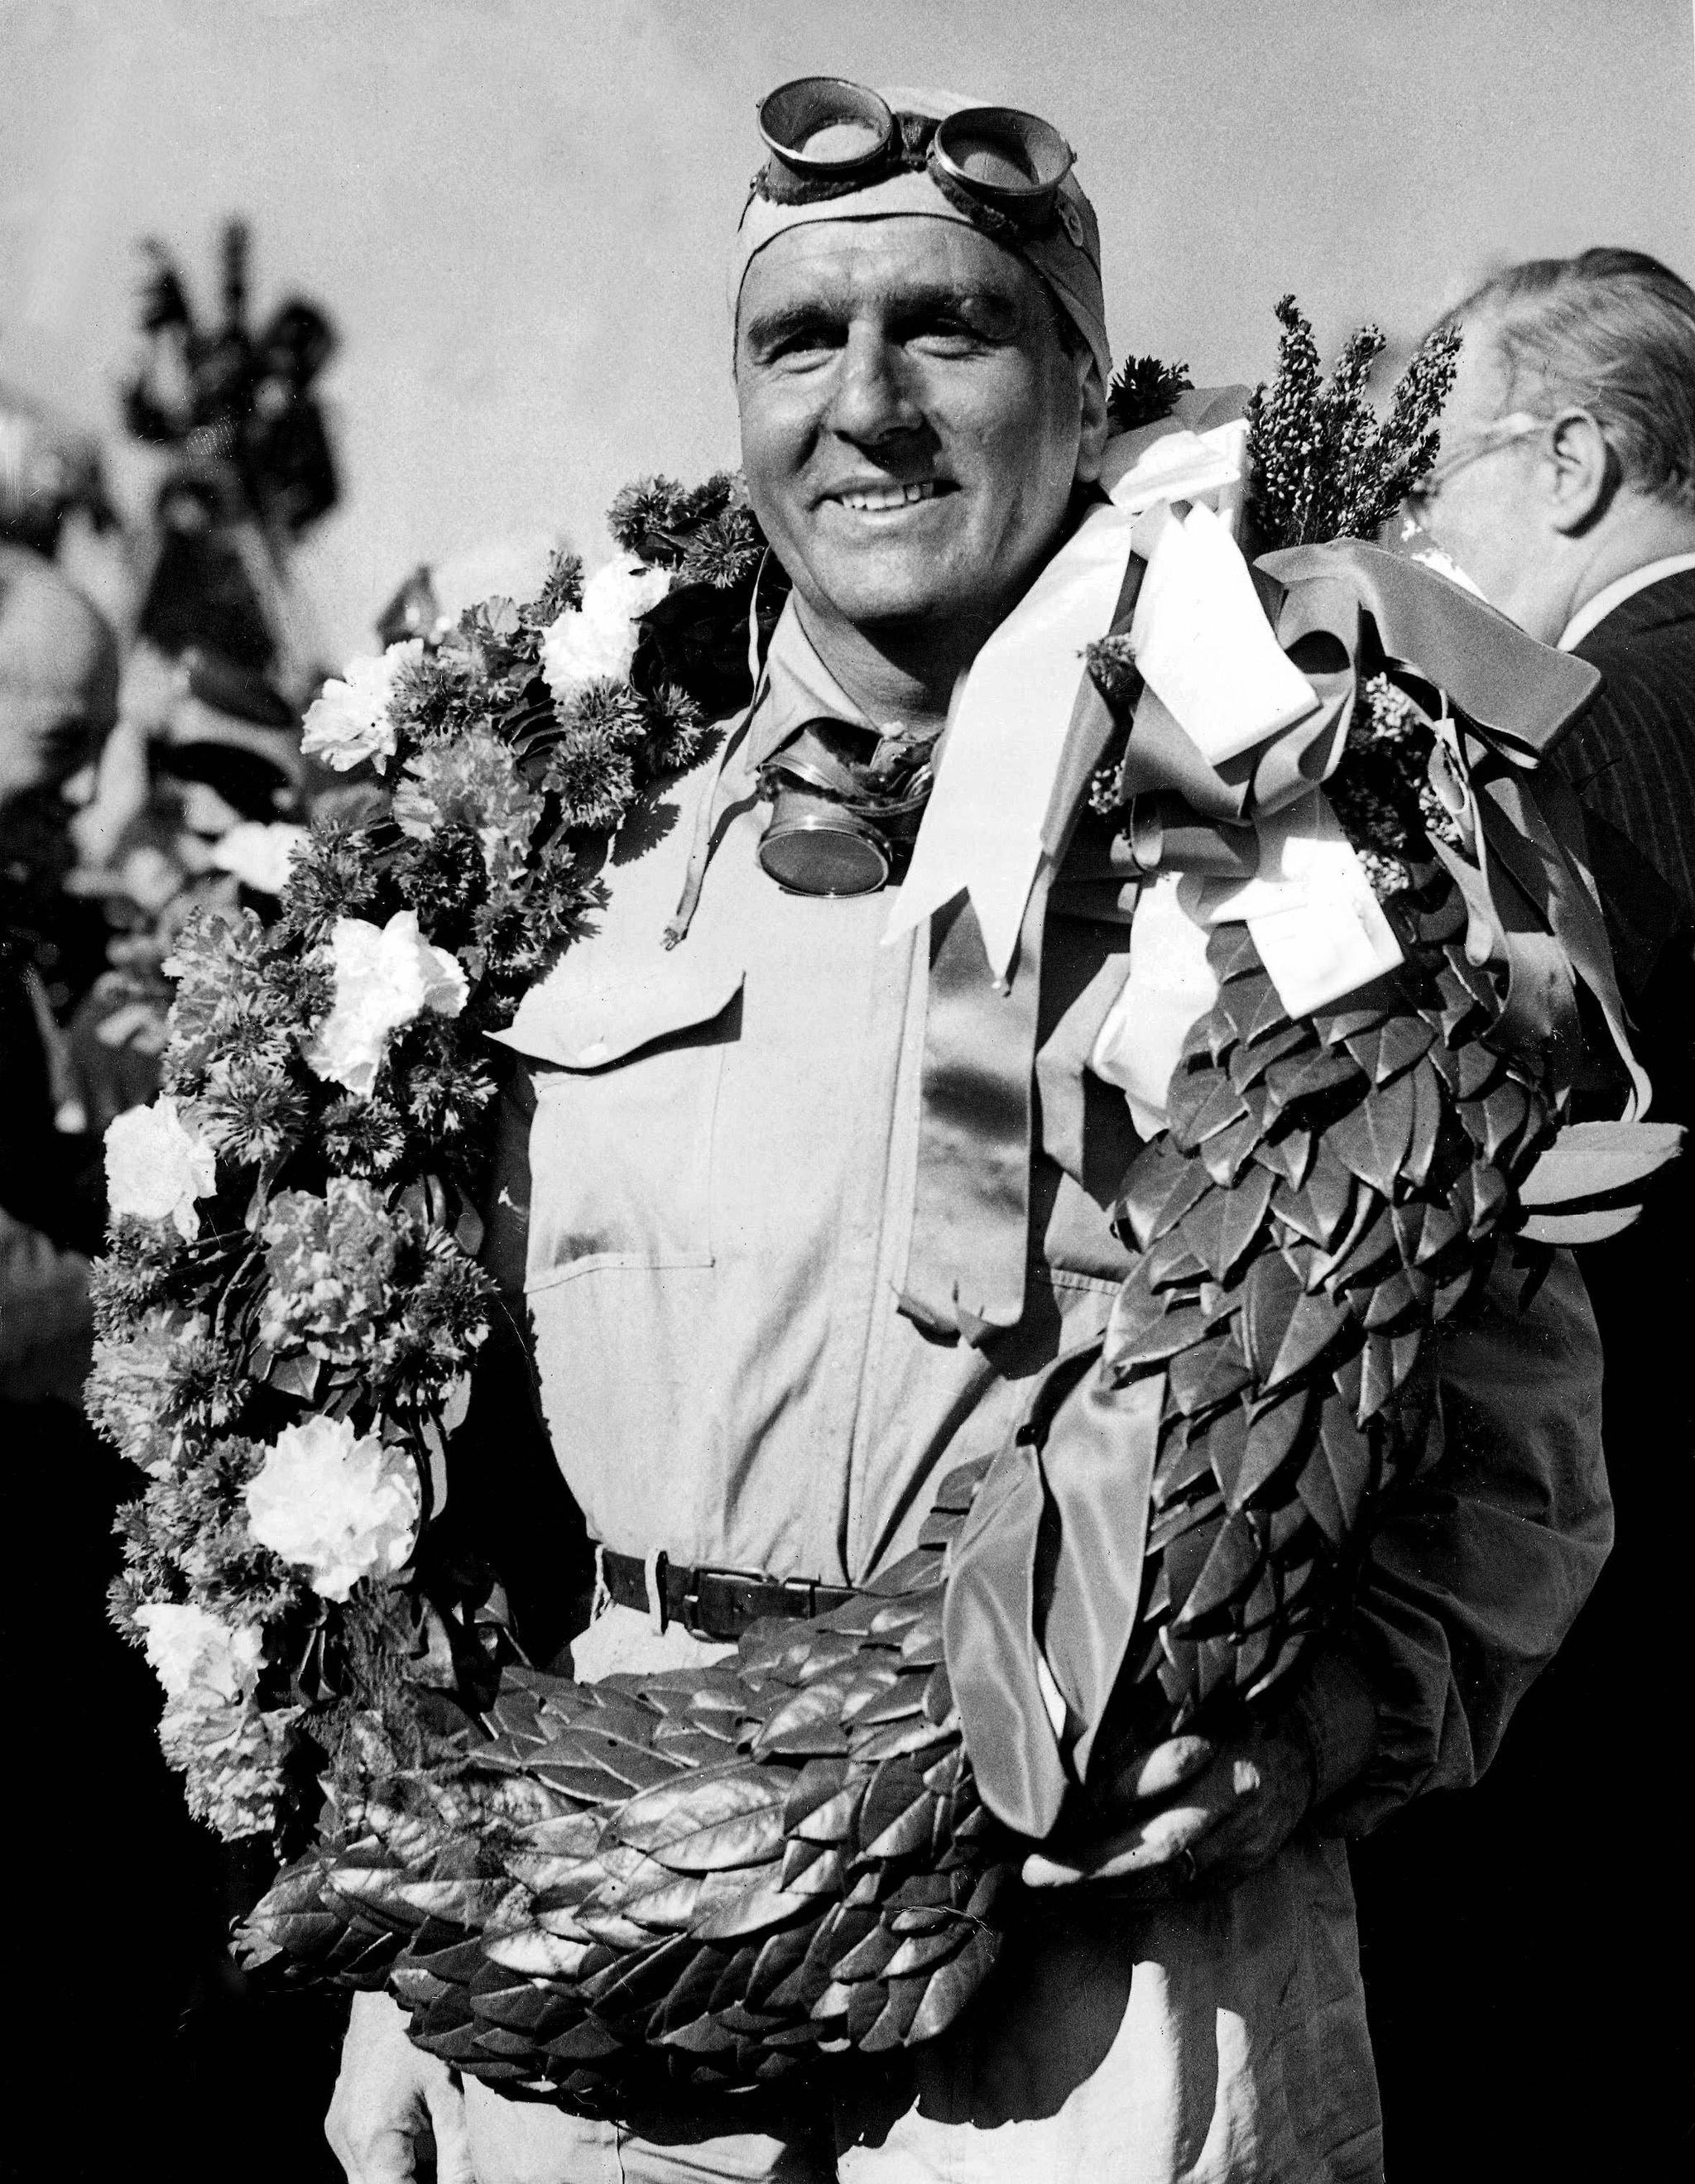 Giuseppe lt;HIT gt;Farina lt;/HIT gt; (ITA) Alfa Romeo Alfetta 158 ganó el primer G.P. de la historia de la F1 en lt;HIT gt;Silverstone lt;/HIT gt; GB el 13 Mayo 1950. lt;HIT gt;Farina lt;/HIT gt; GB 1950.jpg - 20050917